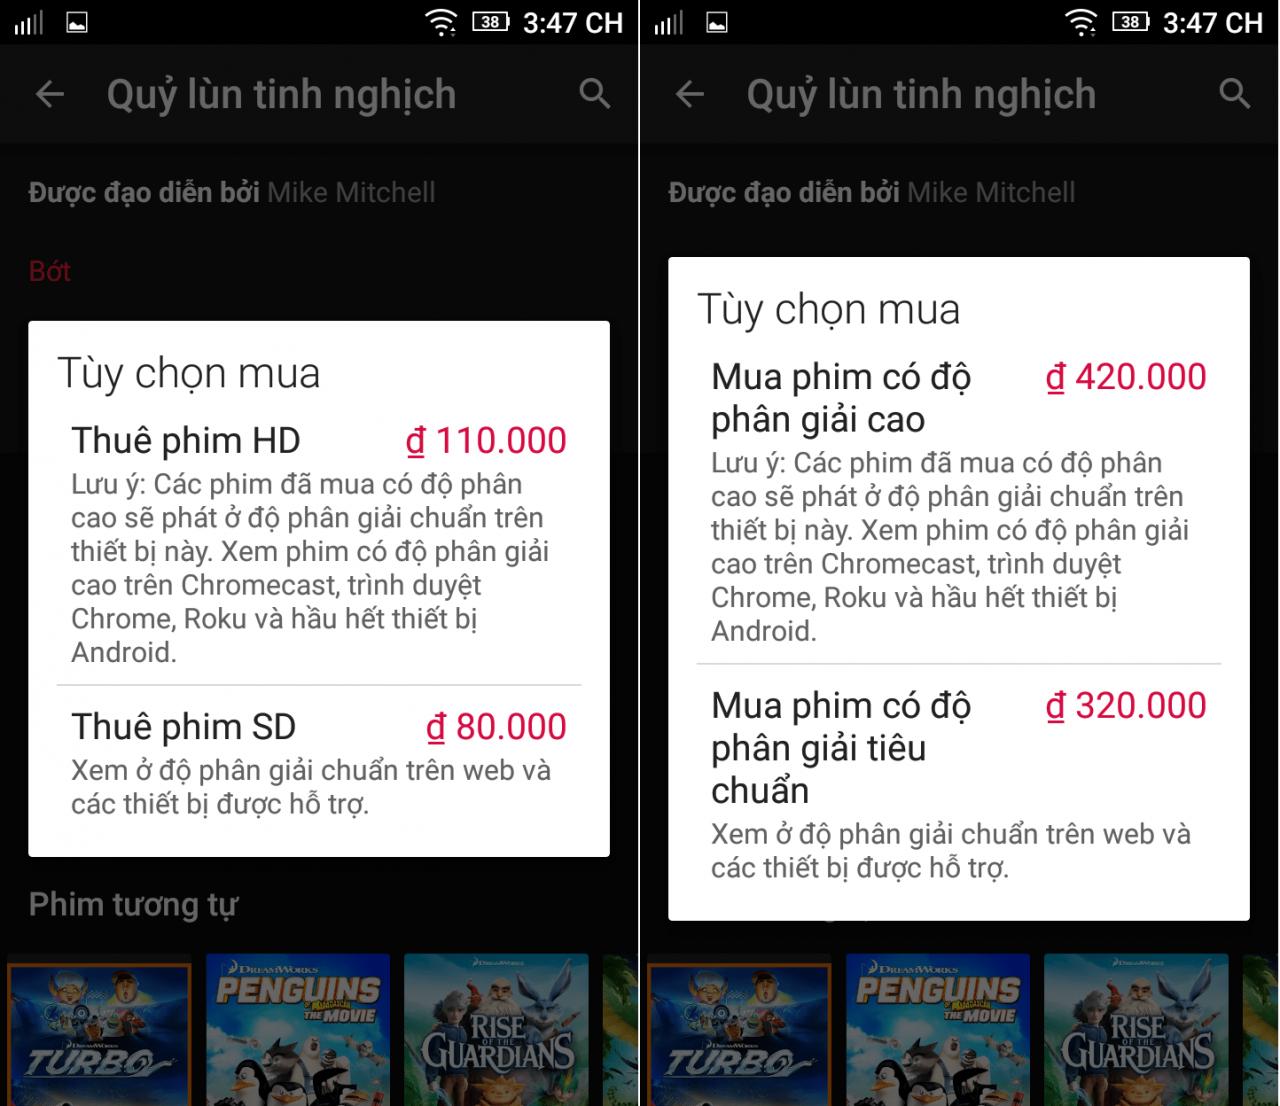 Hình ảnh nFdy6hq 1 của Tải Google Play Phim - Xem và mua phim giá rẻ trên điện thoại tại HieuMobile